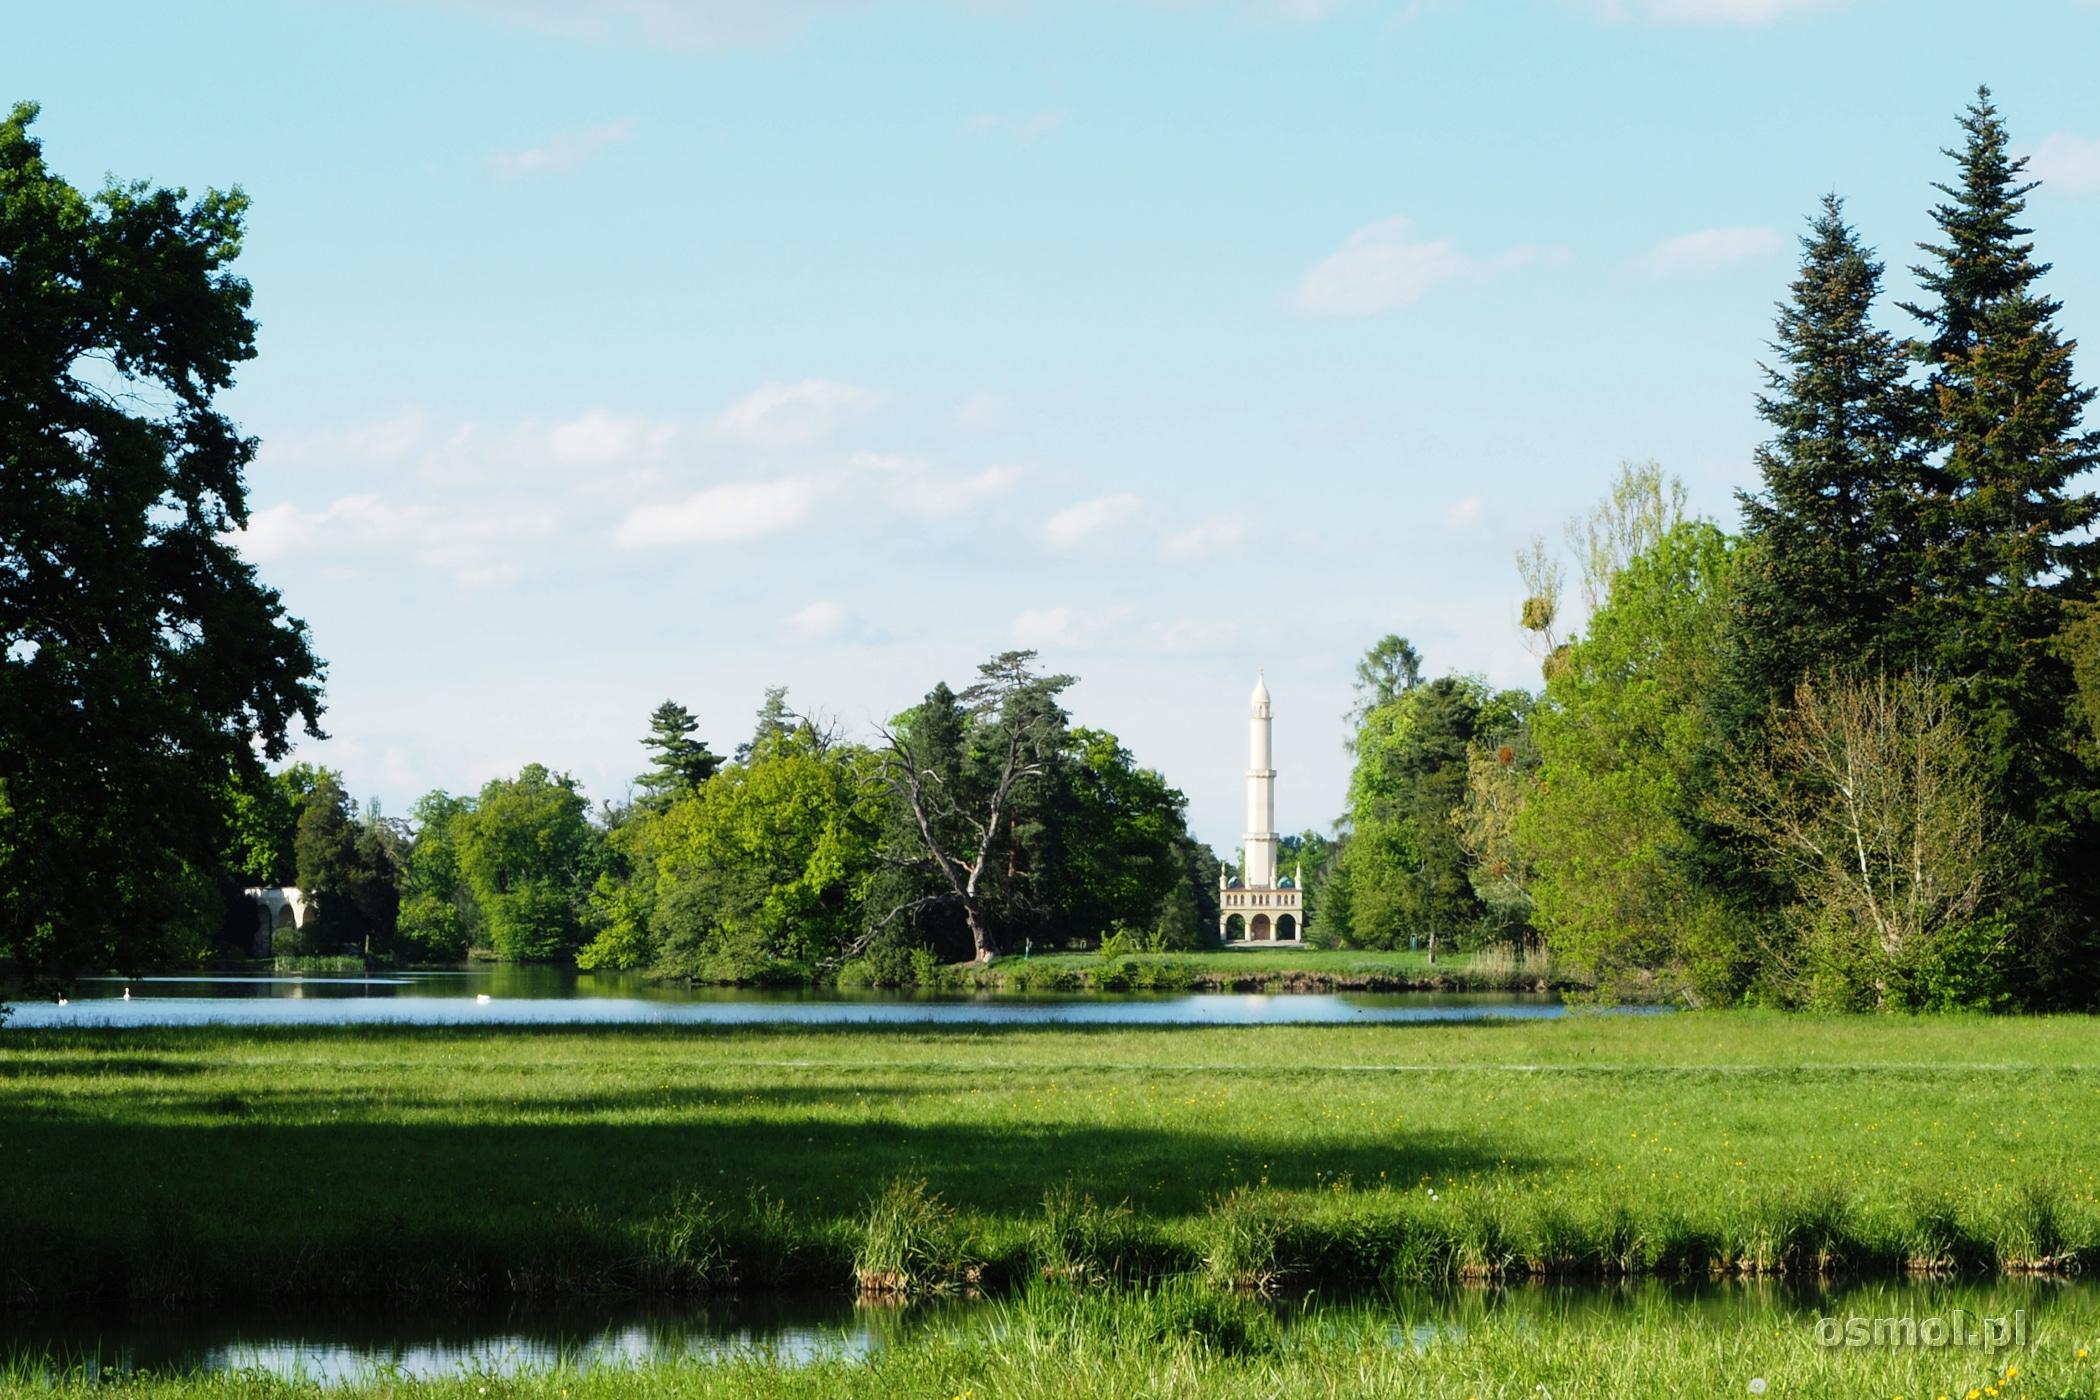 minaret w parku w Lednicach w Czechach